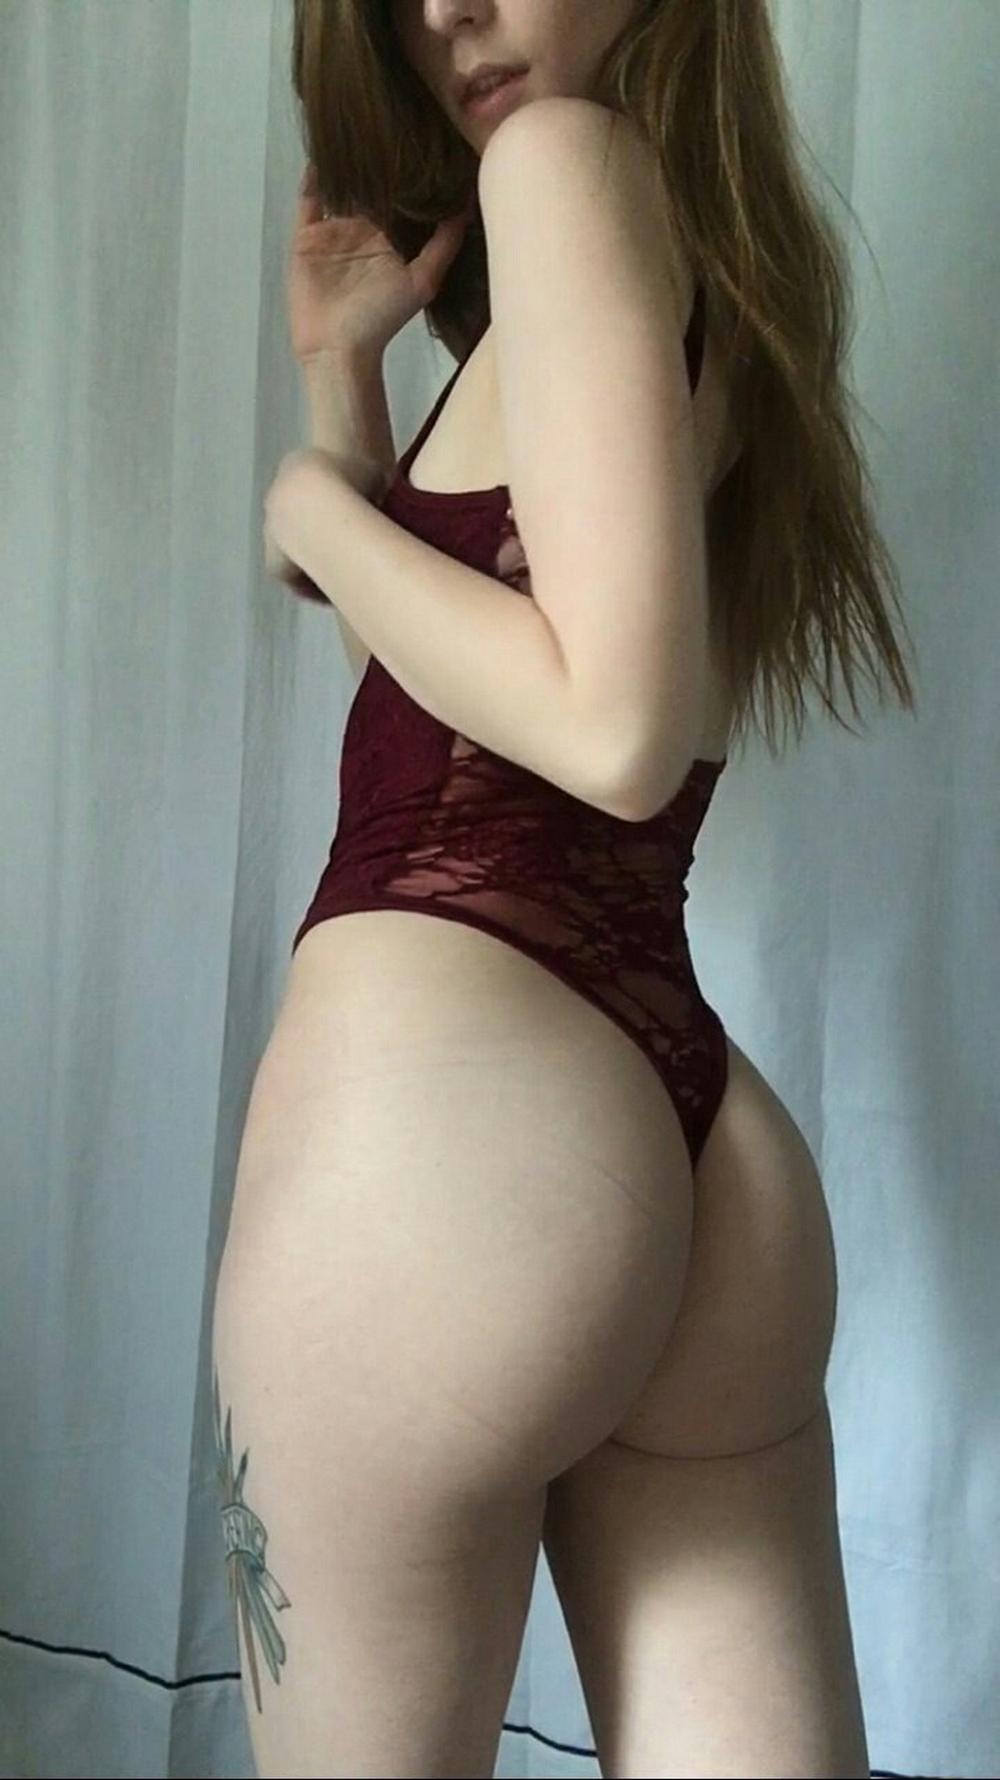 Татуированные девушки в сексуальных нарядах и абсолютно голые